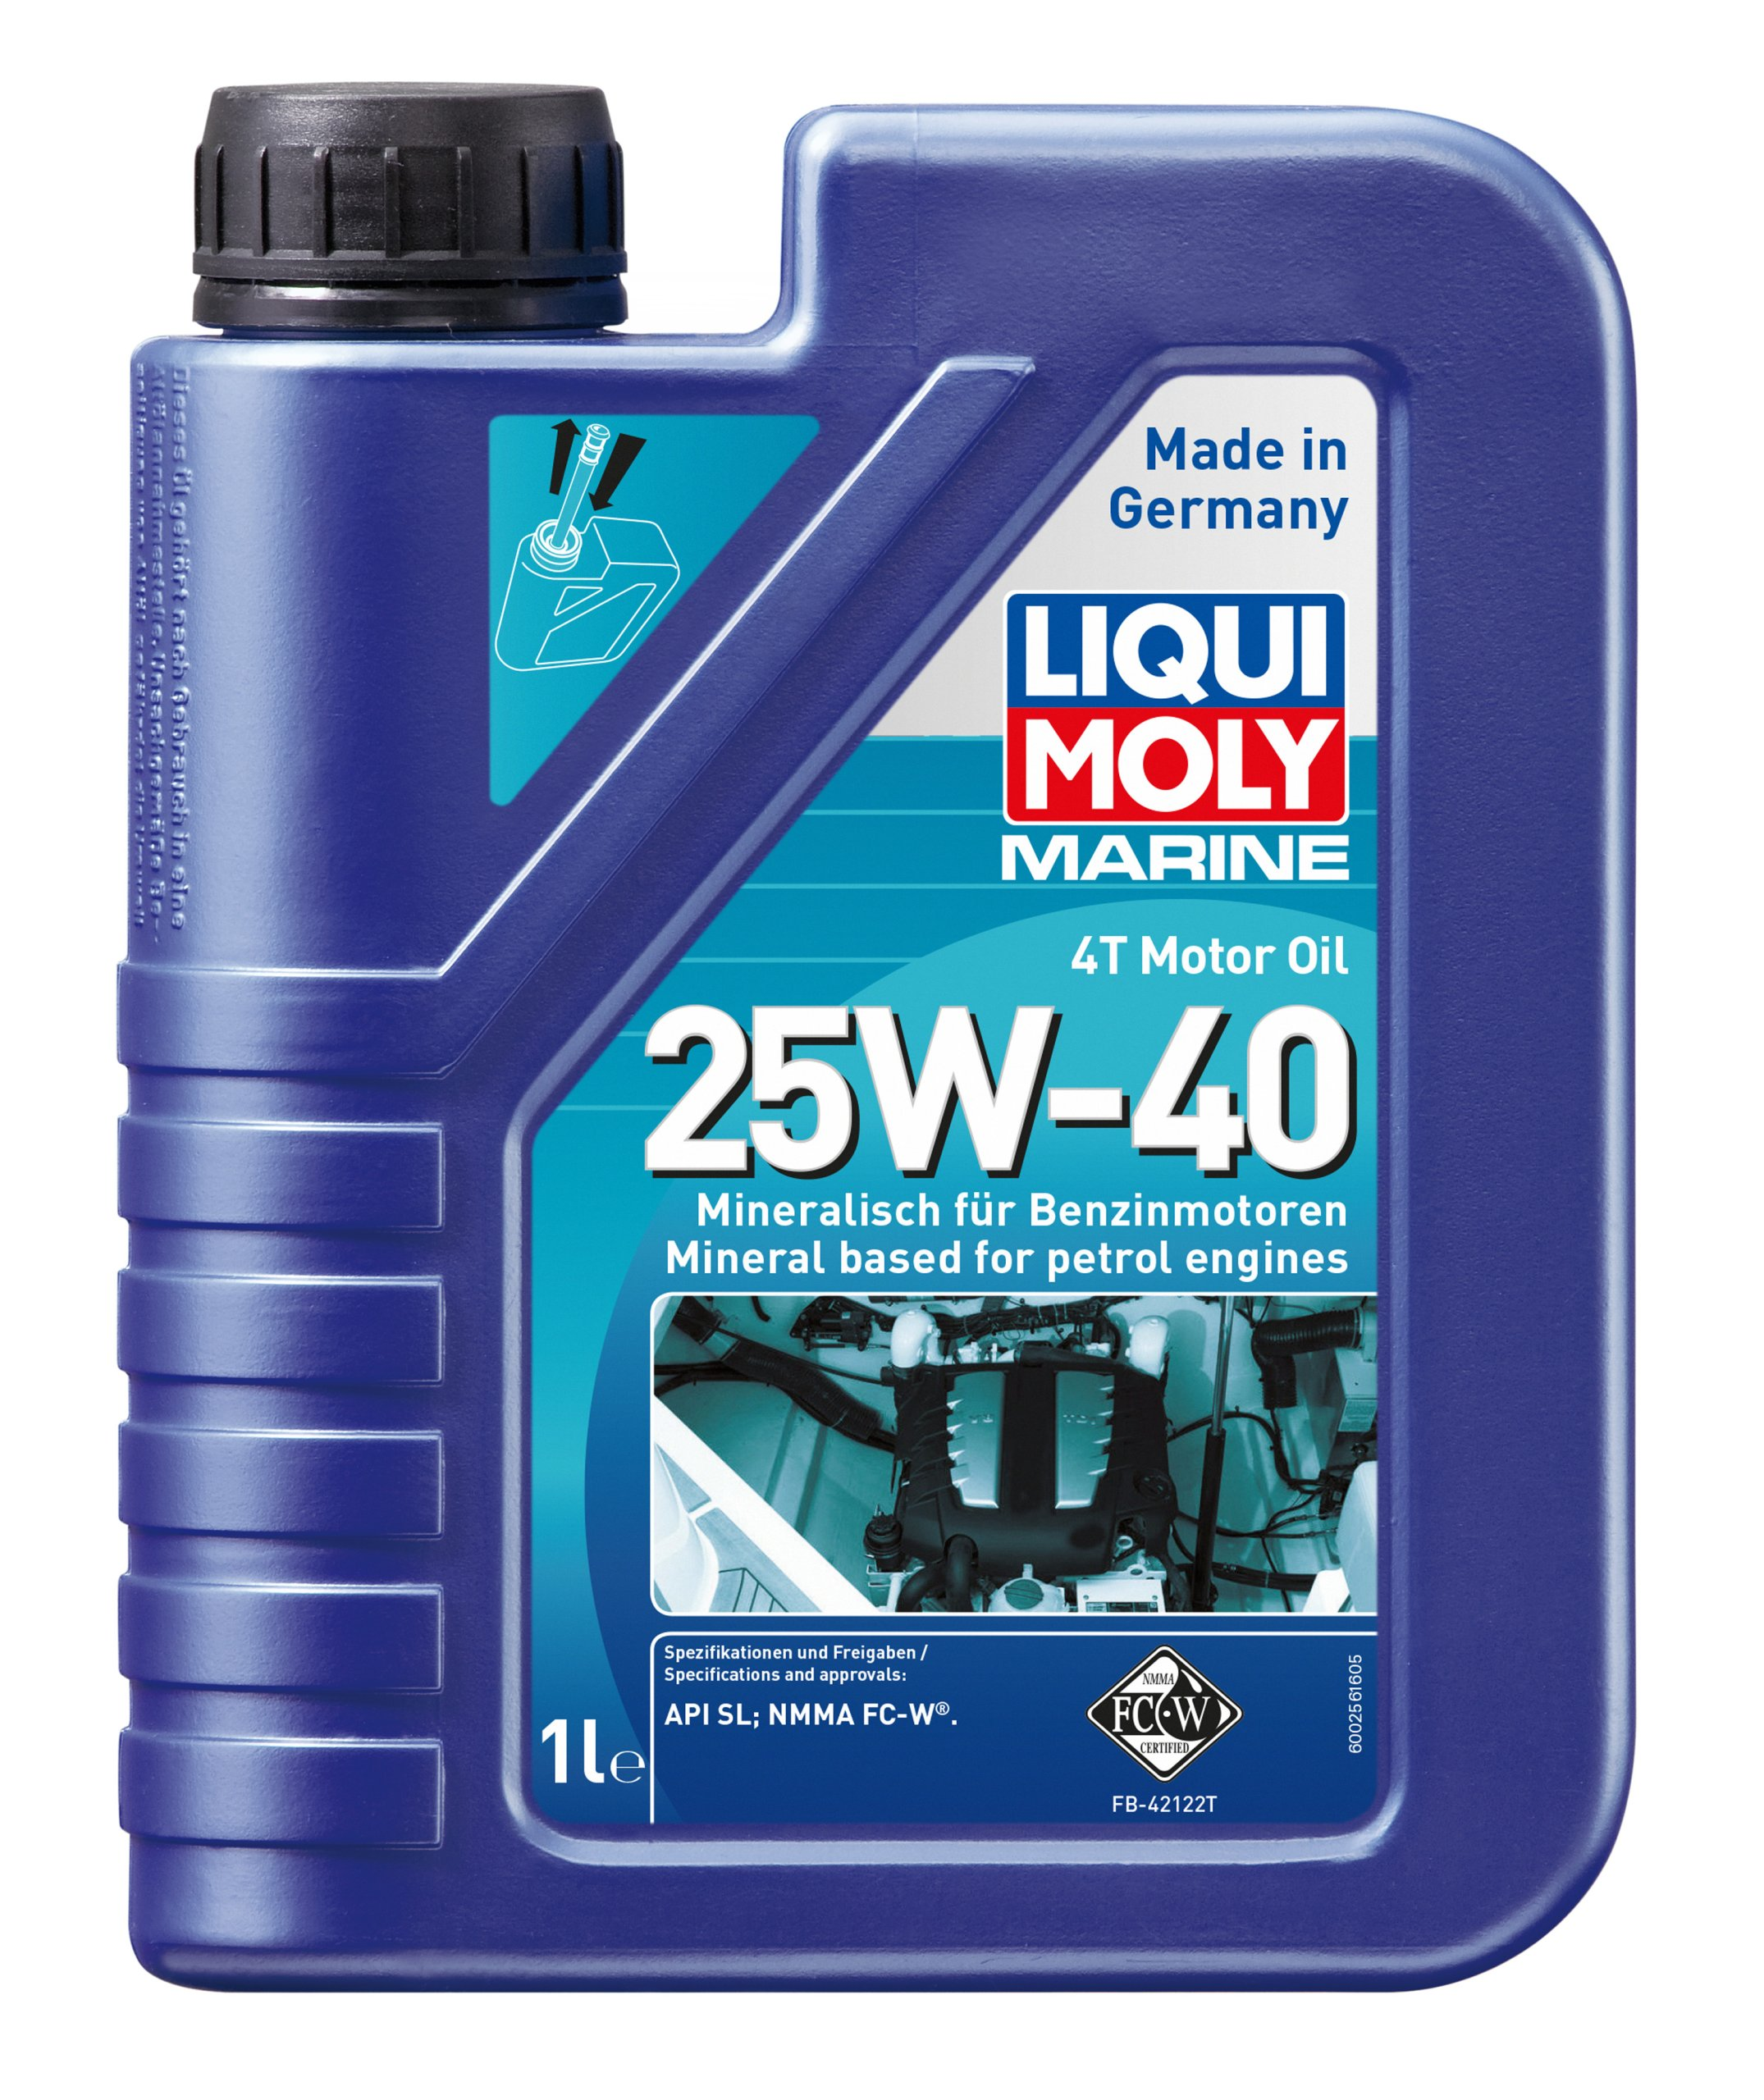 motorový olej zaburtowego czterosuwa 4t-taktné 25W/40 5LIT